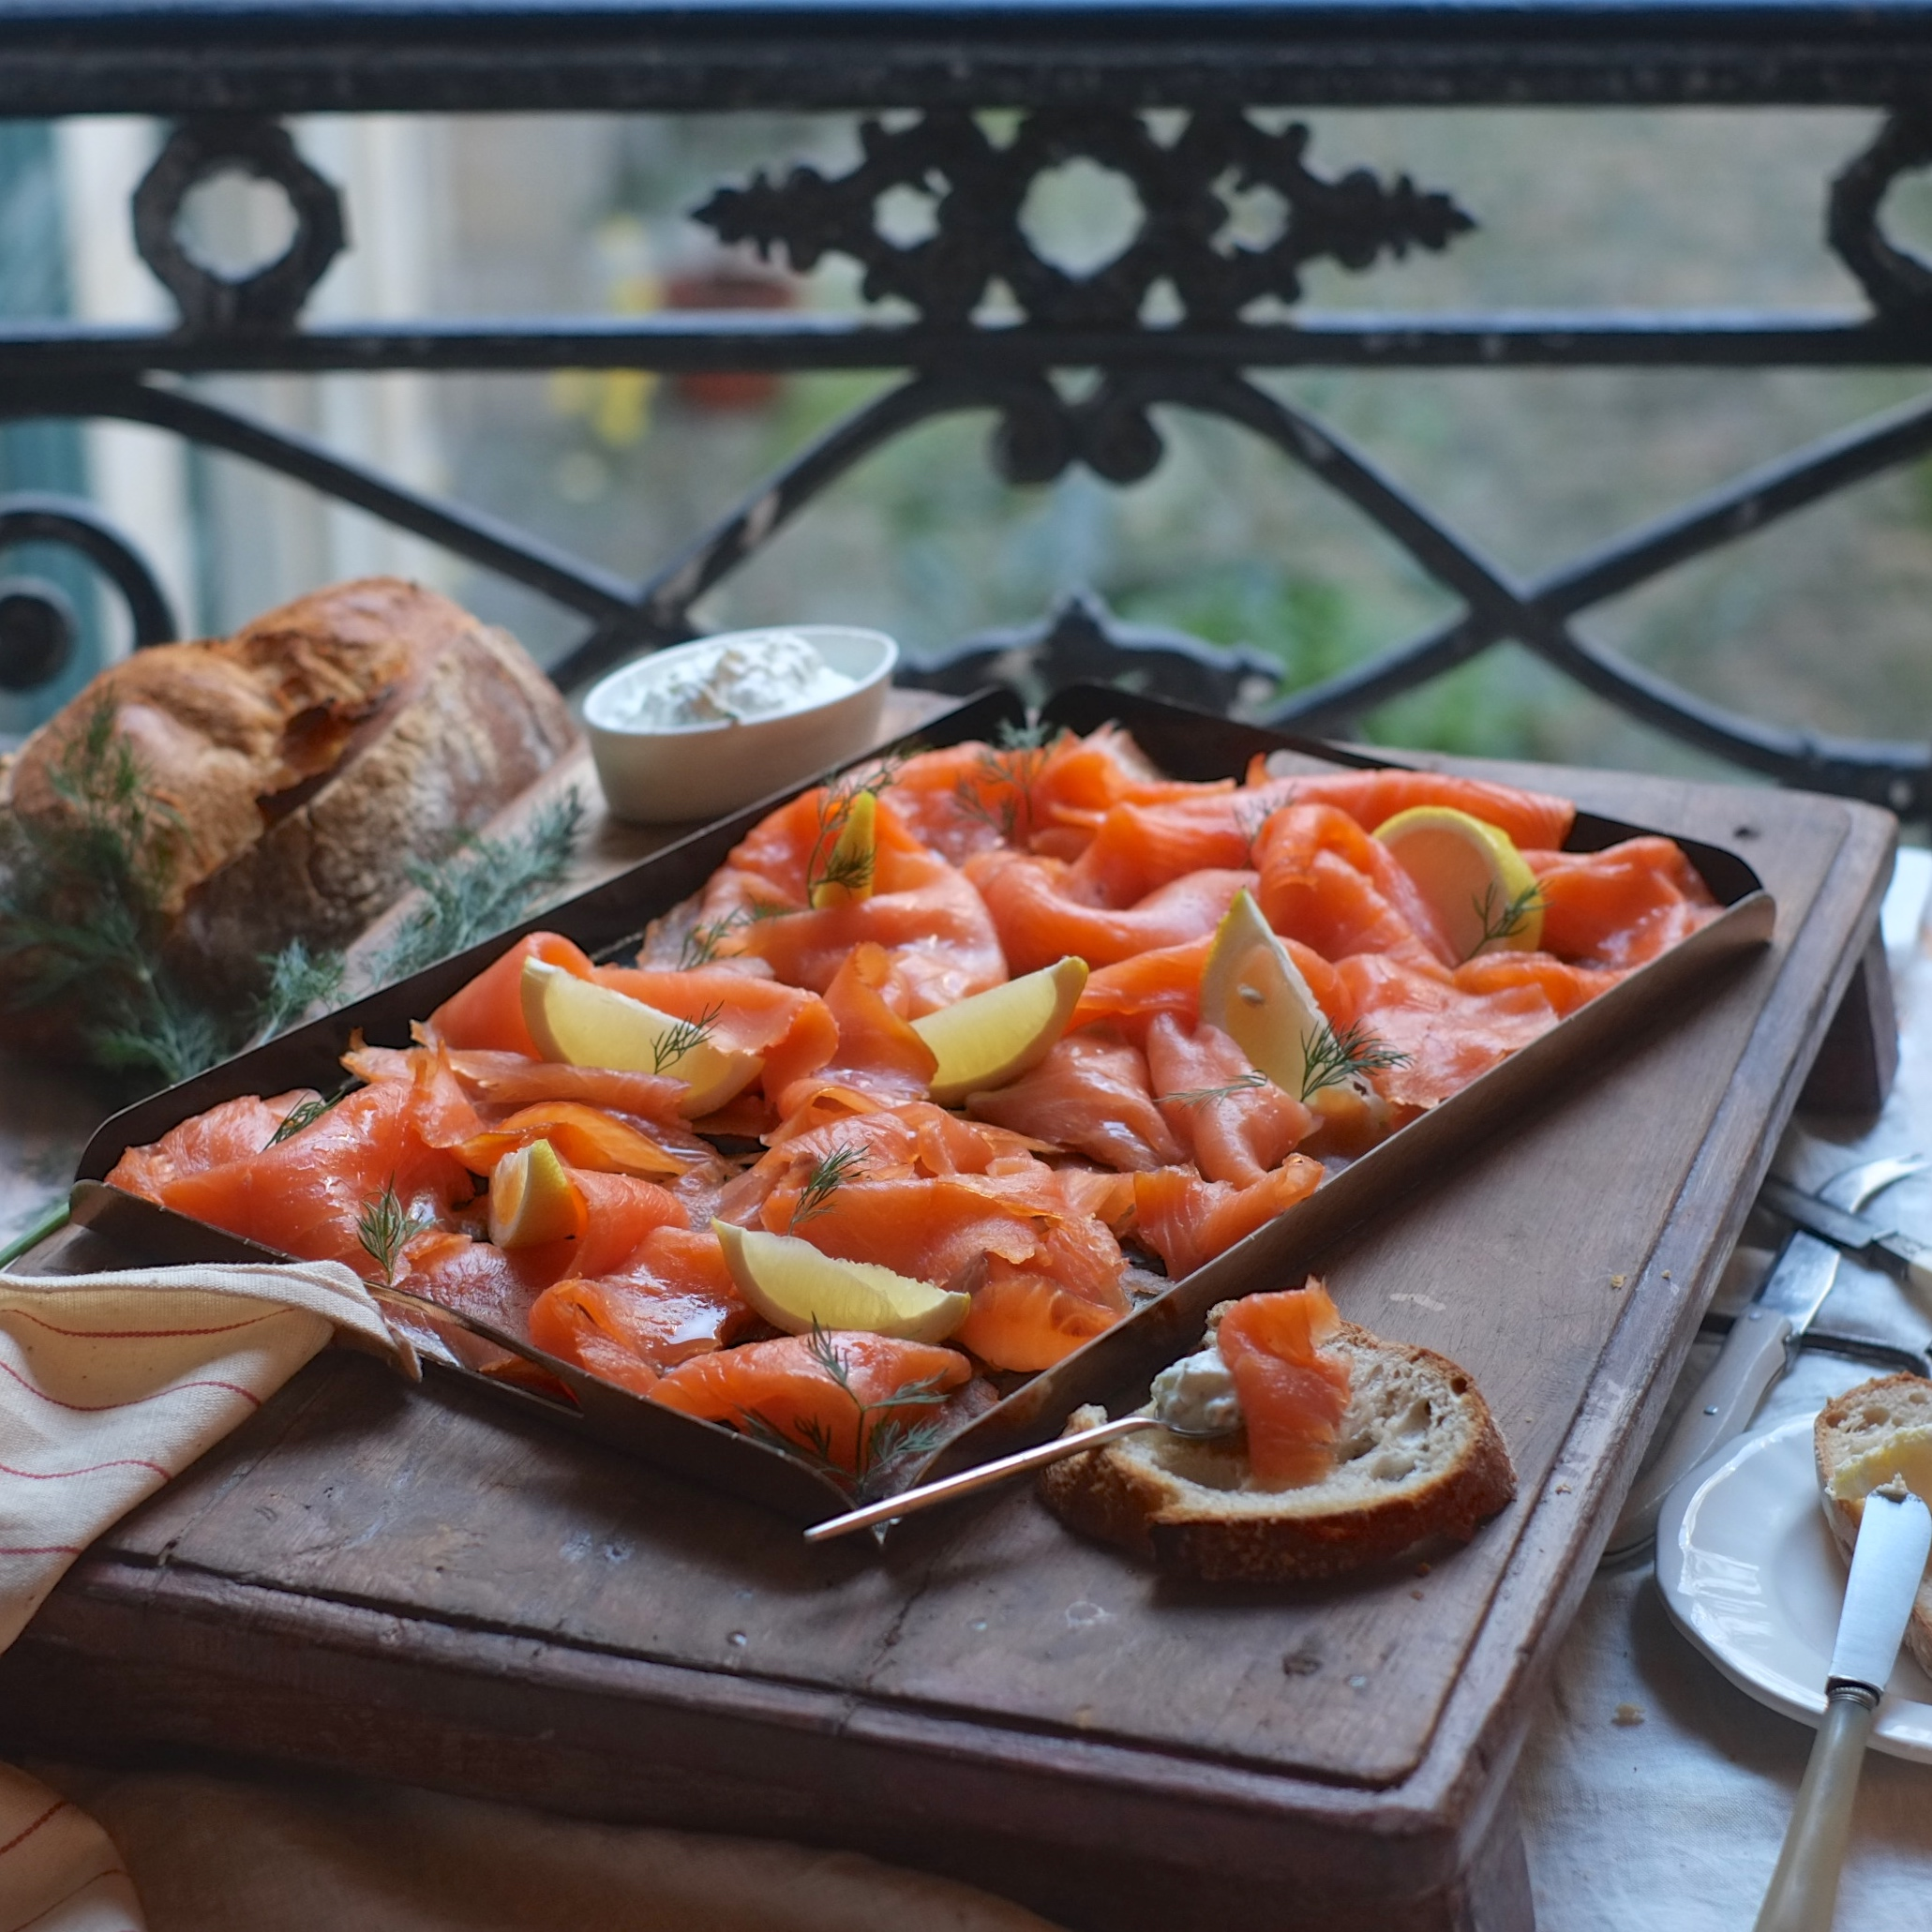 Grande planche de Saumon fumé, crème fraîche, citron